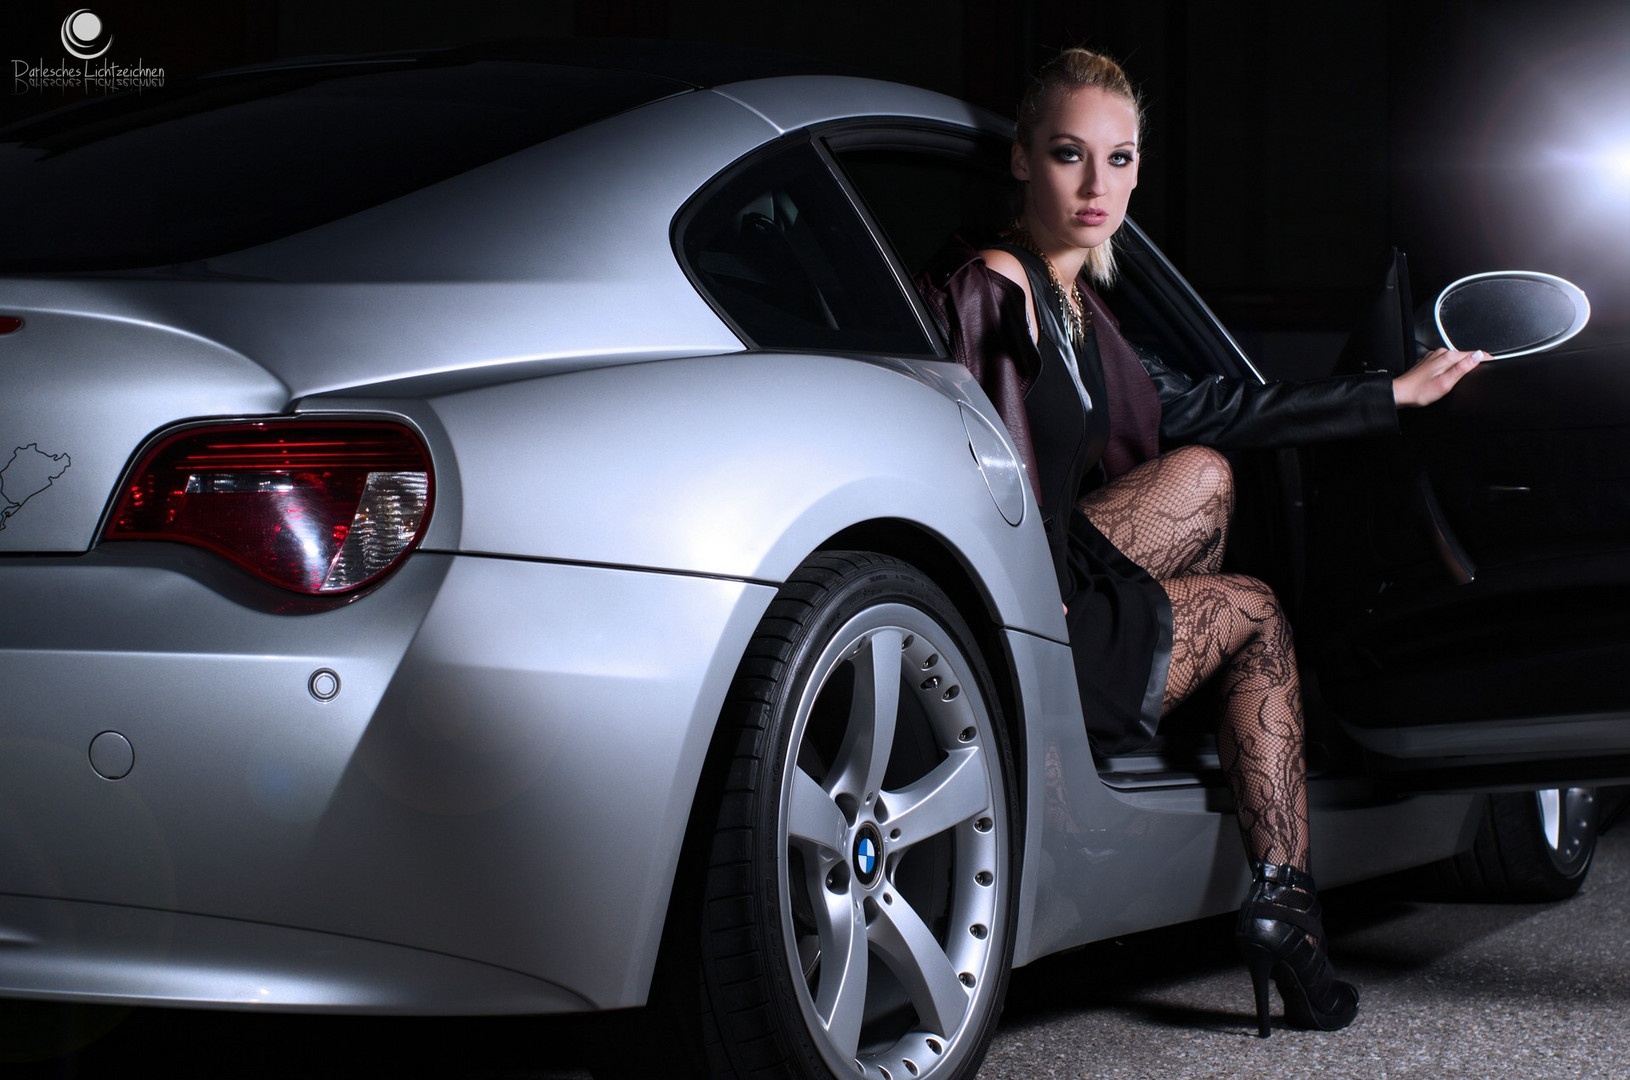 BMW E86 und Valerie